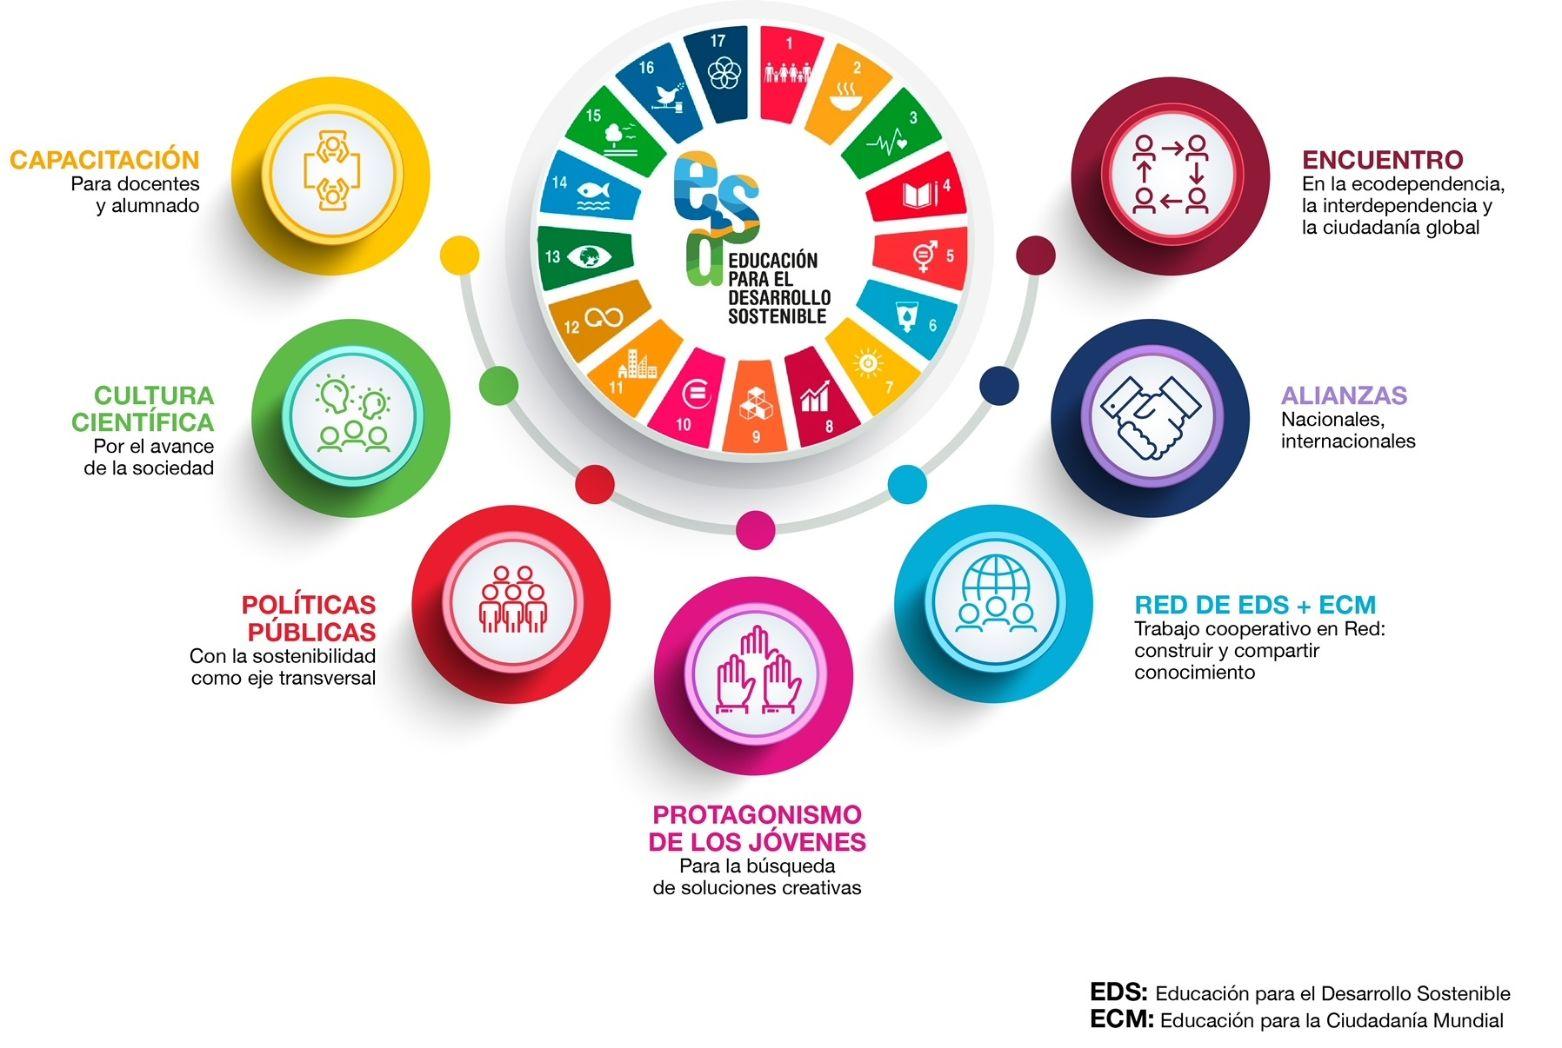 Infografía representando en una imagen de círculos alrededor del logo de los ods con los contenidos desarrollados en esta página